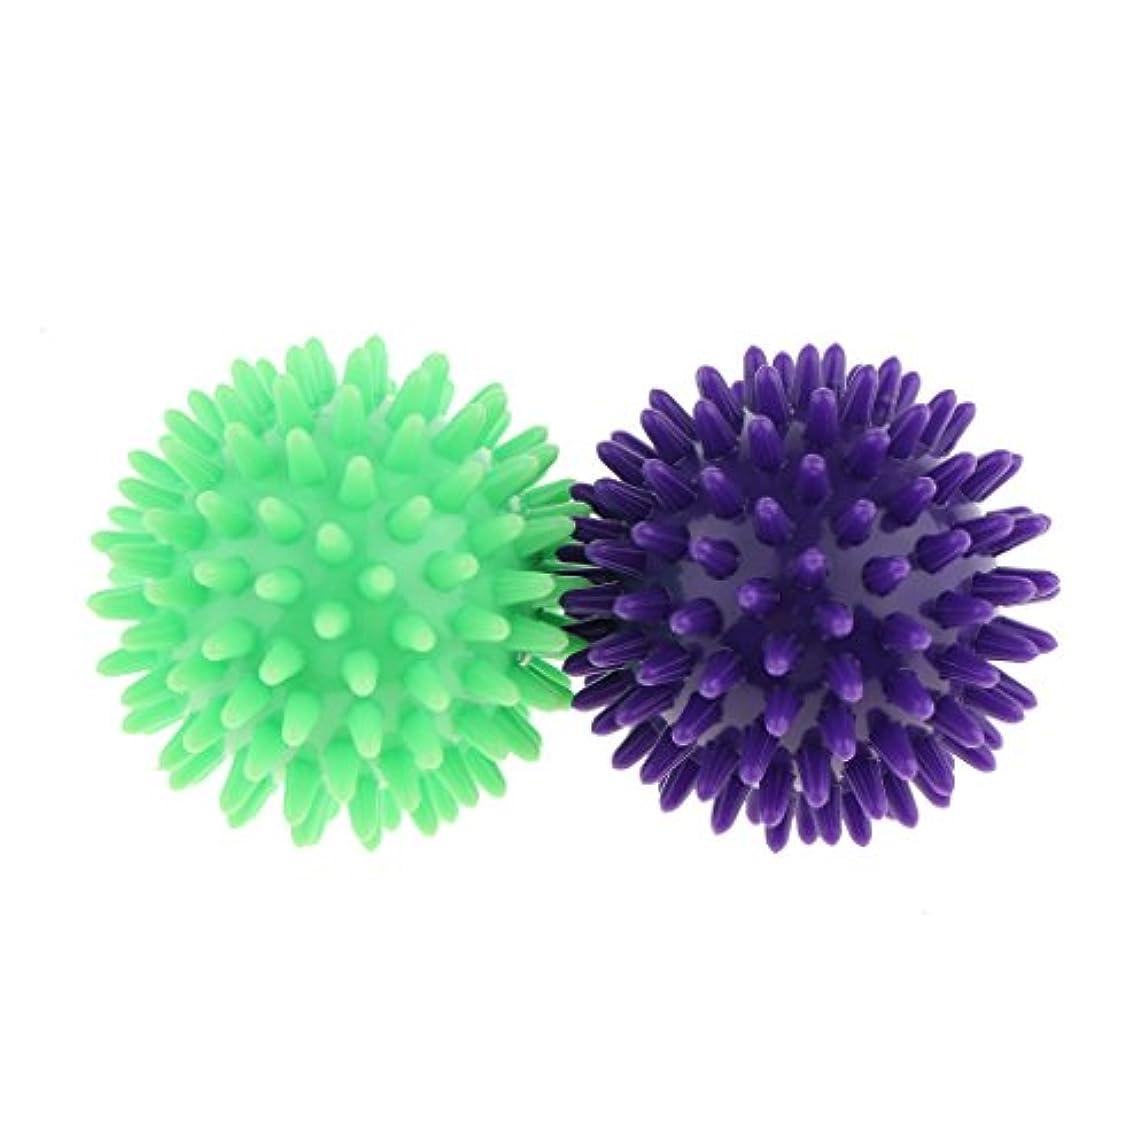 作詞家トイレ行政マッサージボール スパイシー マッサージ ボール ボディトリガー ポイント 2個セット 3タイプ選べ - 紫ライトグリーン